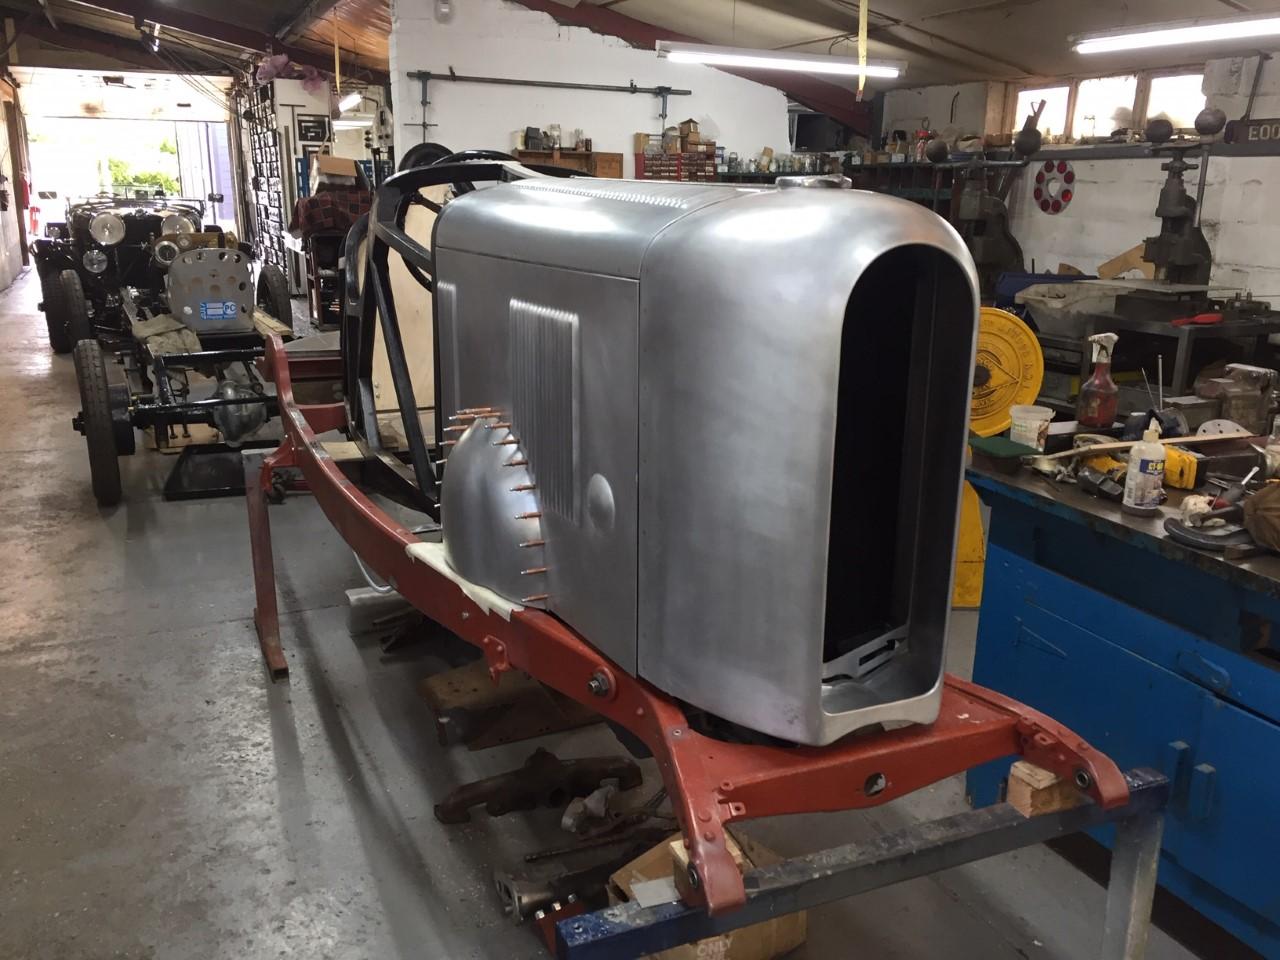 Replica of the 1931 Talbot AV105